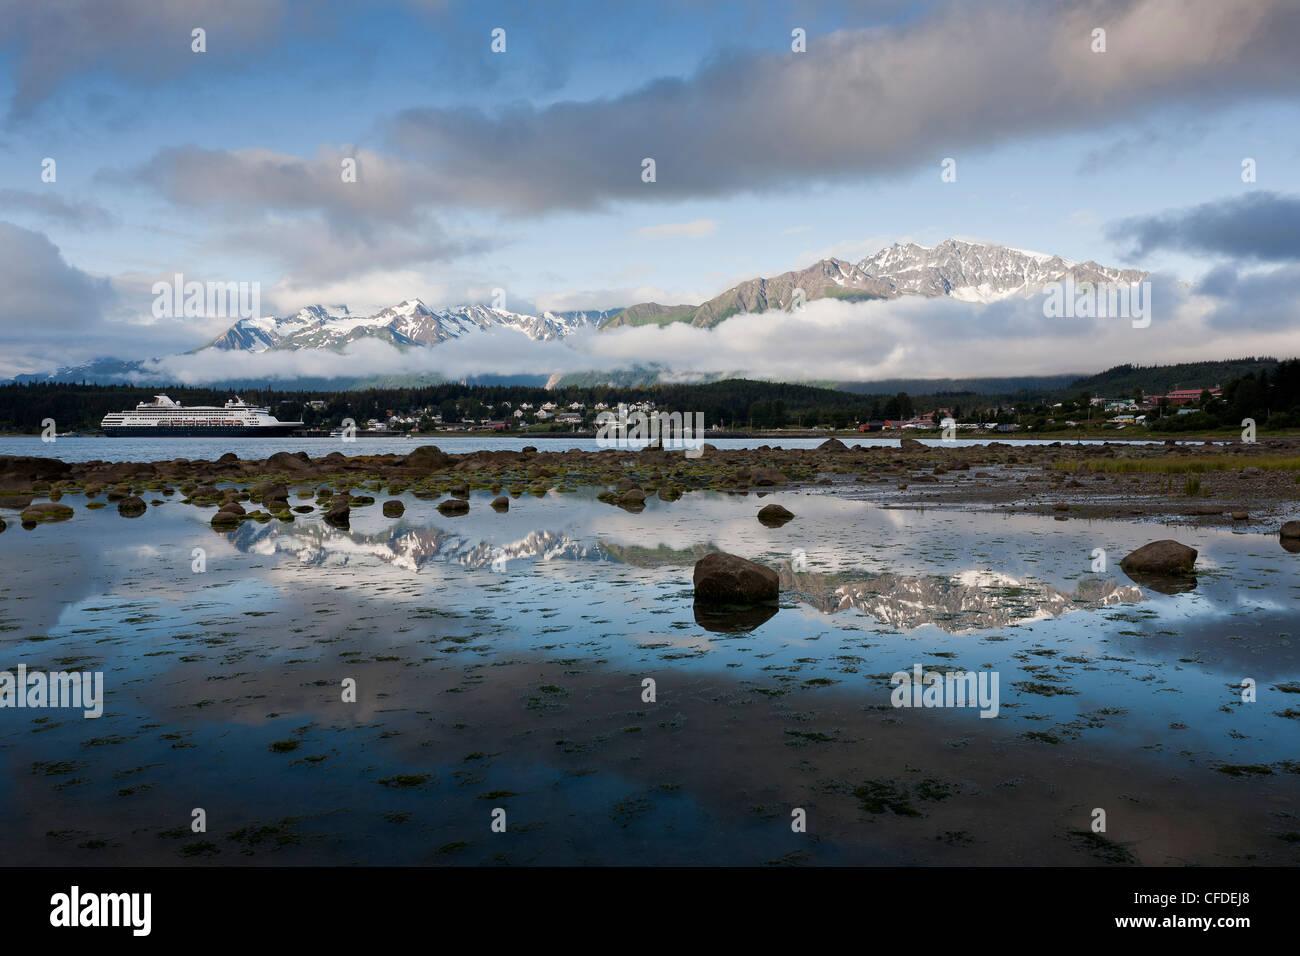 El crucero Veendam y la Ciudad de Haines como se ve desde la carretera, Lutak Haines, Alaska, Estados Unidos de Imagen De Stock